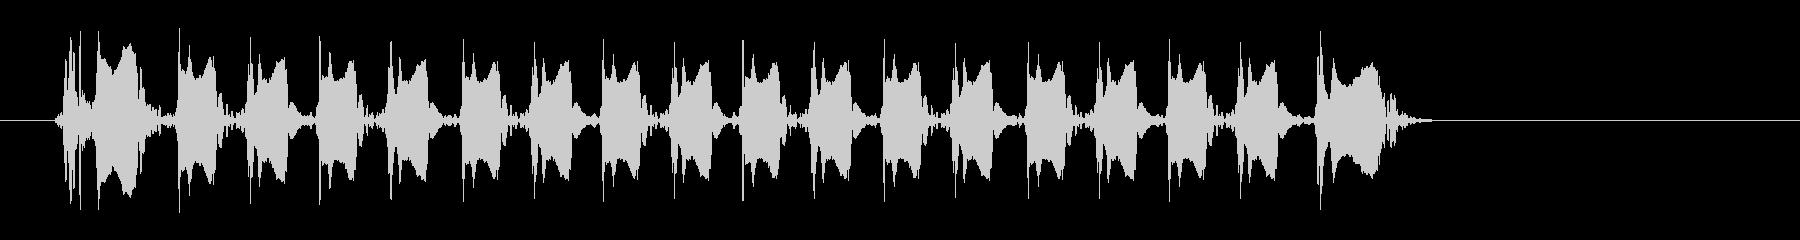 レーザー音-151-3の未再生の波形